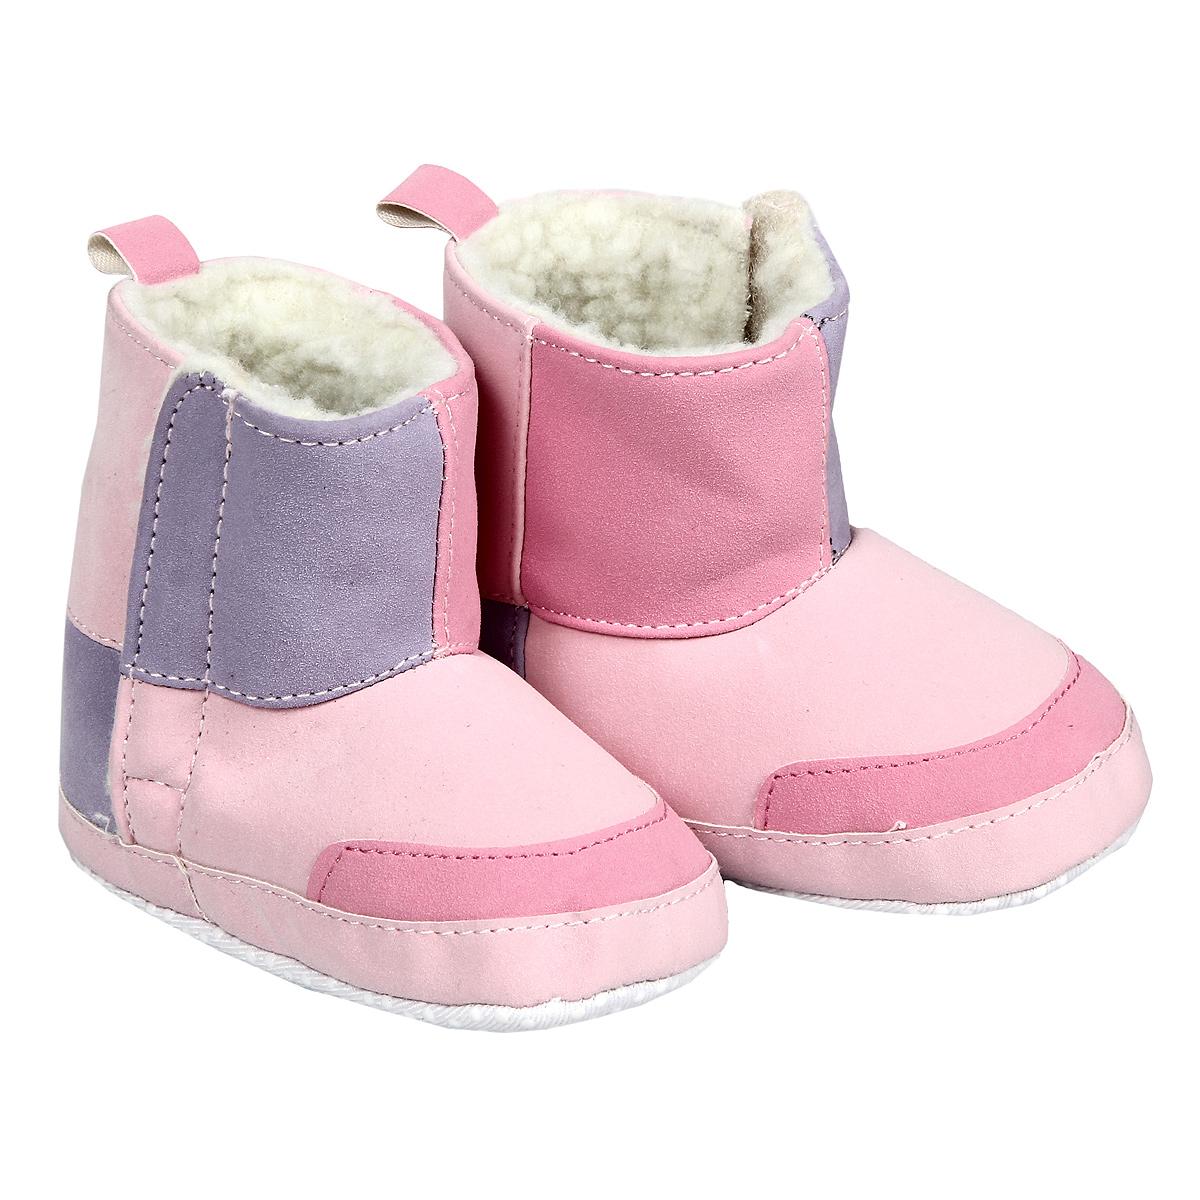 Пинетки для девочки Luvable Friends Угги, цвет: розовый. 11787. Размер 12/18мес пинетки luvable friends пинетки клетчатые кеды